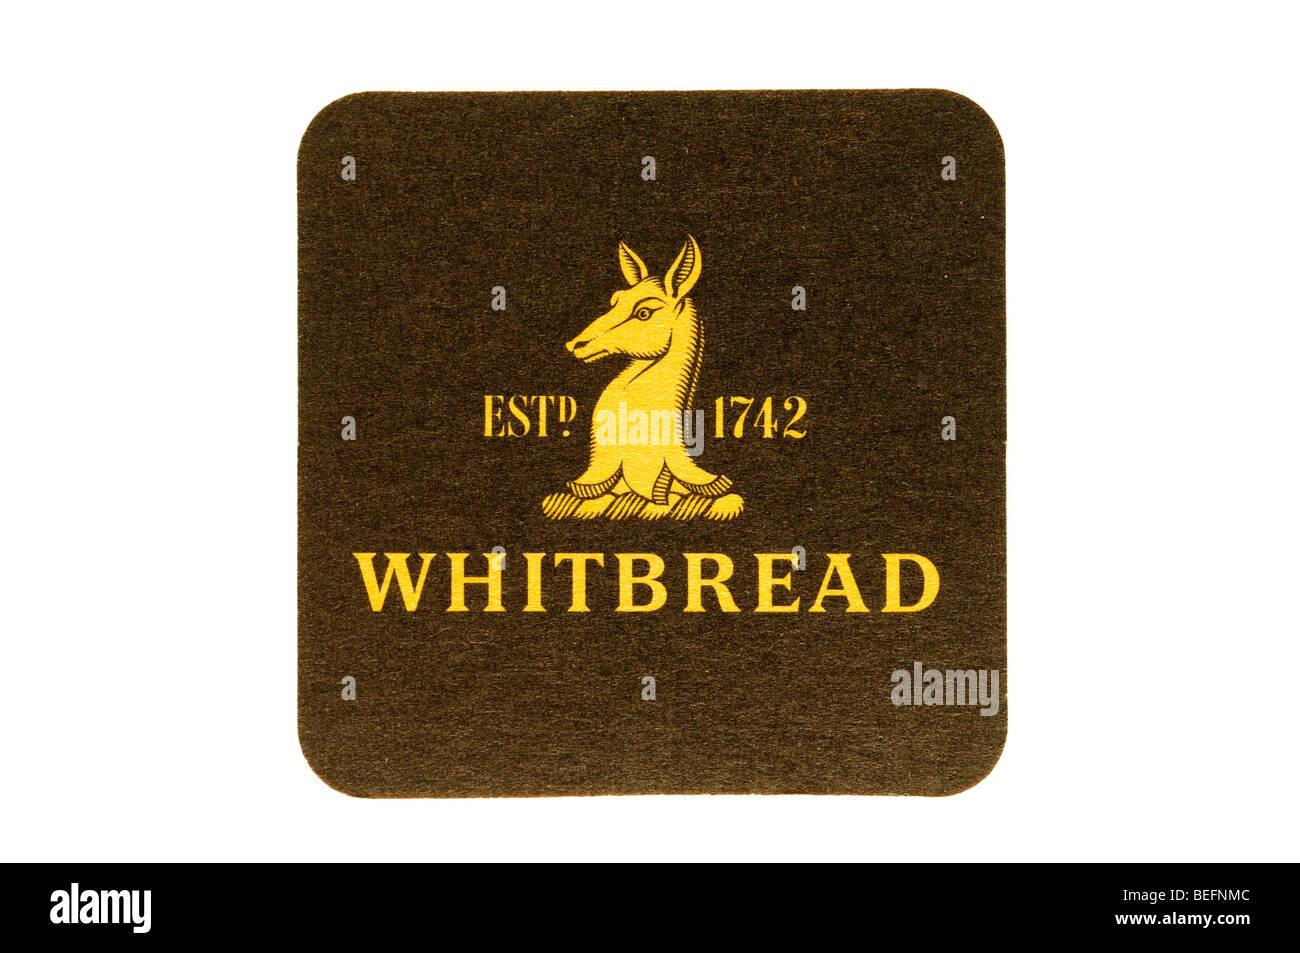 Est 1742 Whitbread Immagini Stock